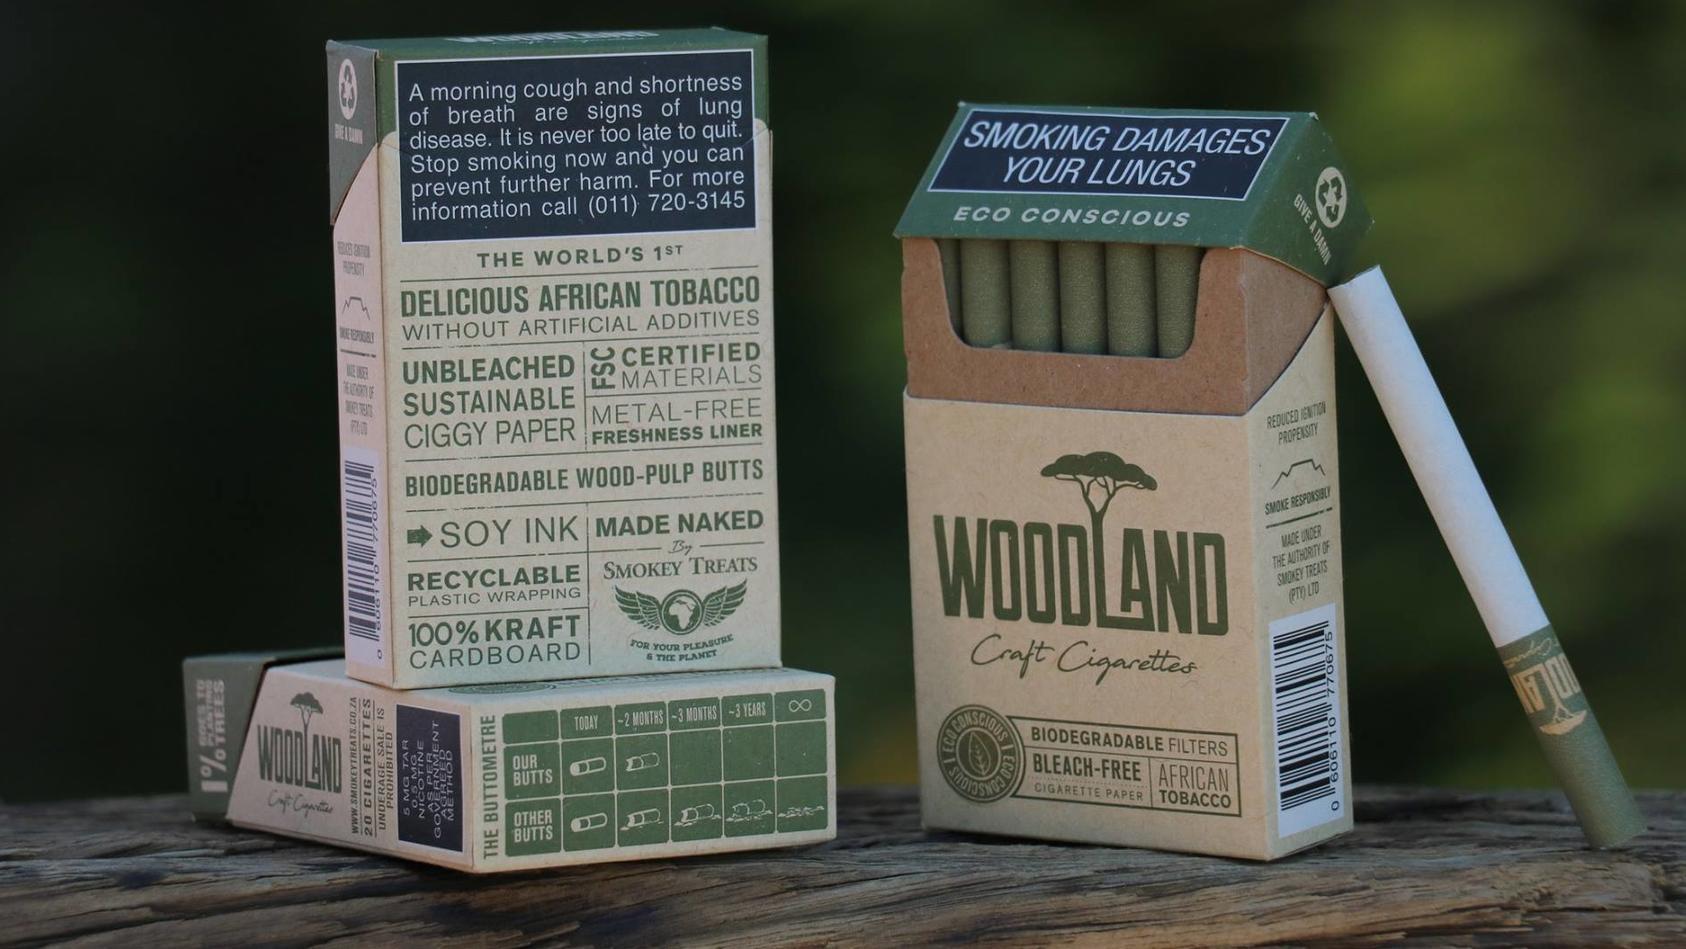 """Die Firma """"Smokey Treats"""" vertreibt Zigaretten, die angeblich komplett biologisch abbaubar sind."""